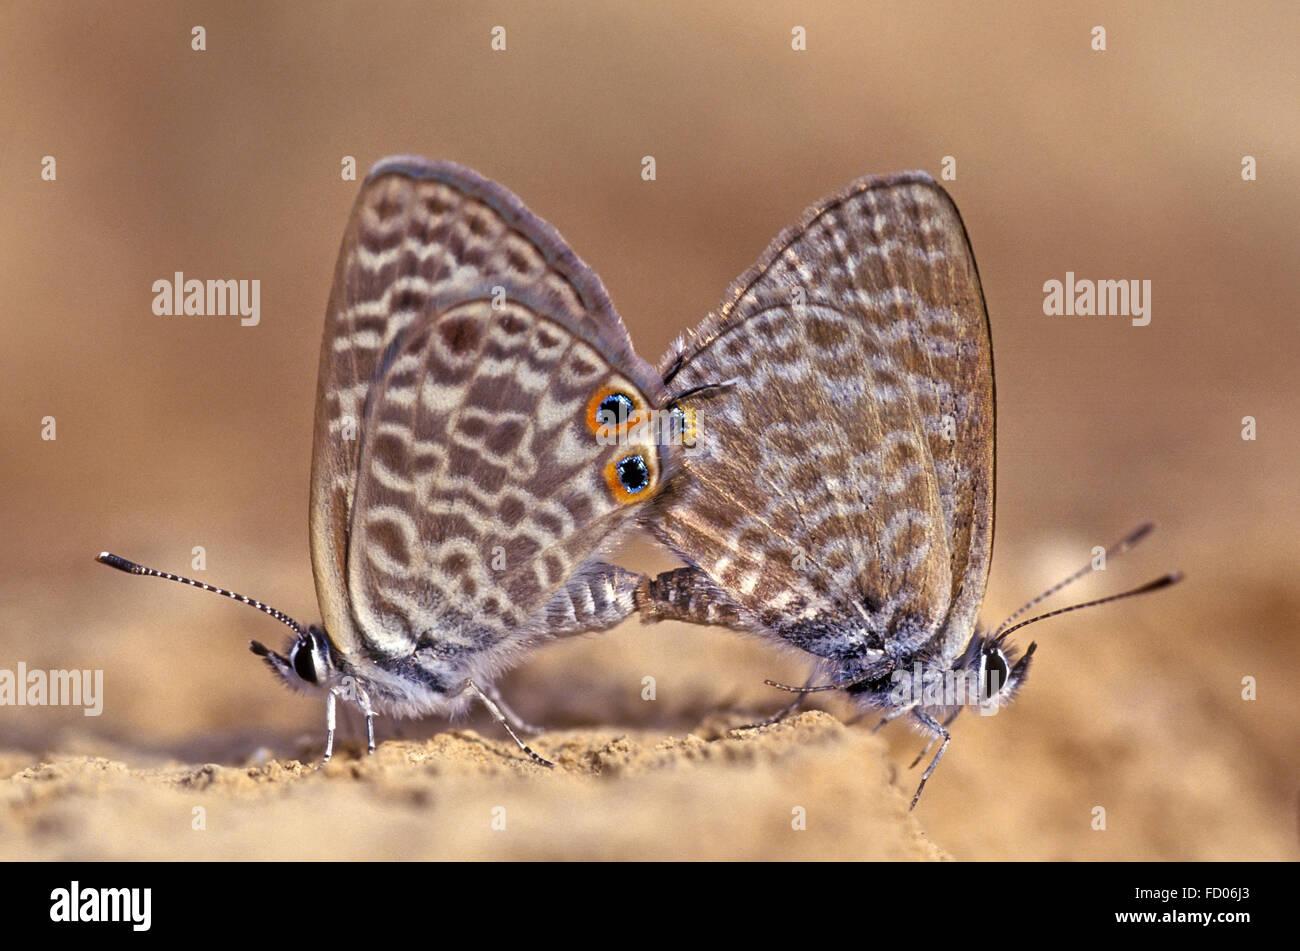 Apareamiento de mariposas en el suelo Imagen De Stock